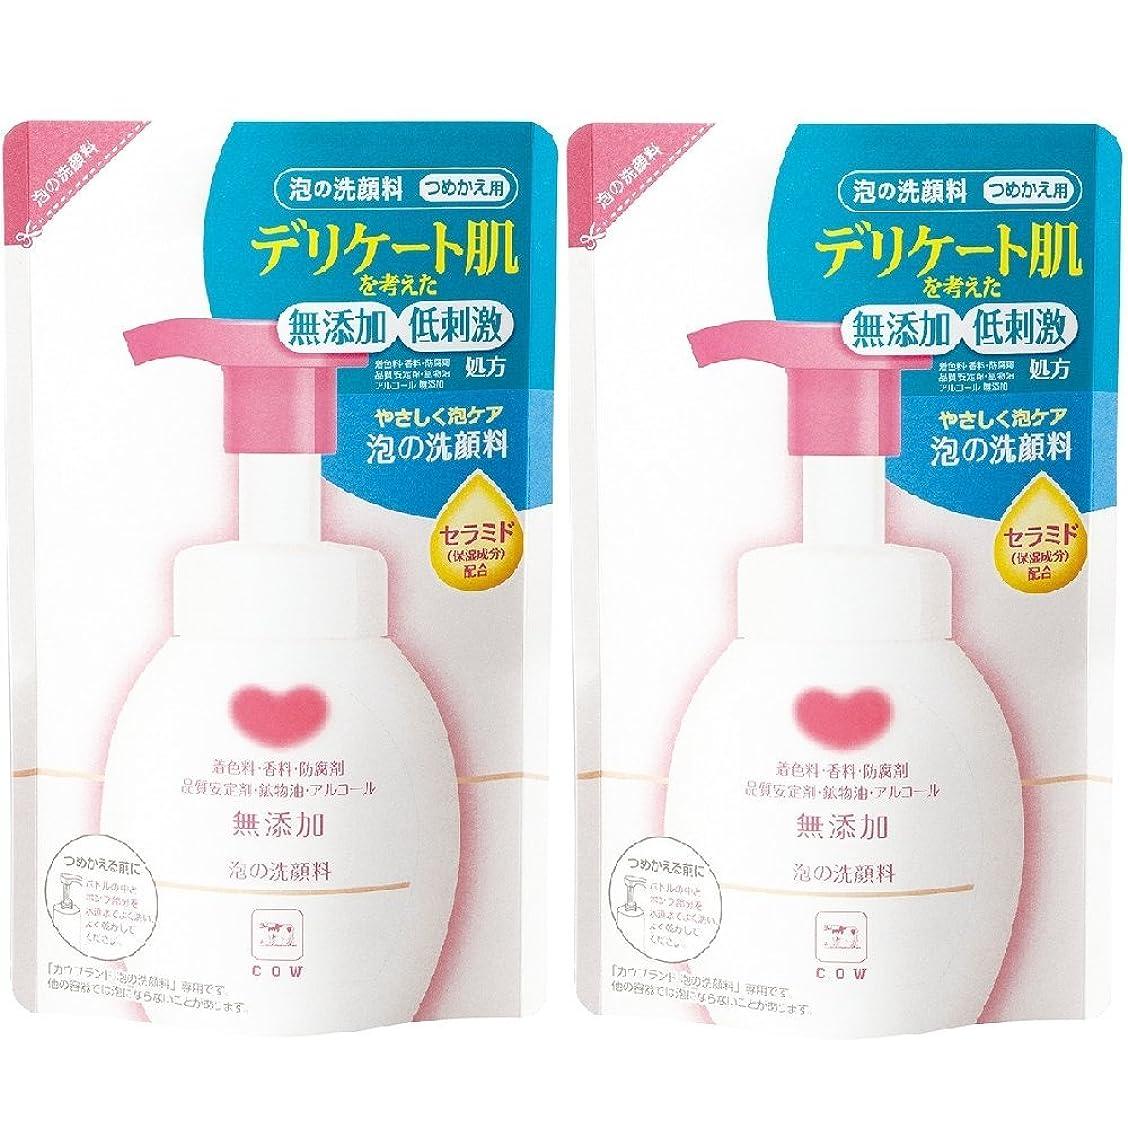 鏡疑問に思う発明カウブランド 無添加 泡の洗顔料 詰替用 2個組 (180mL×2個)